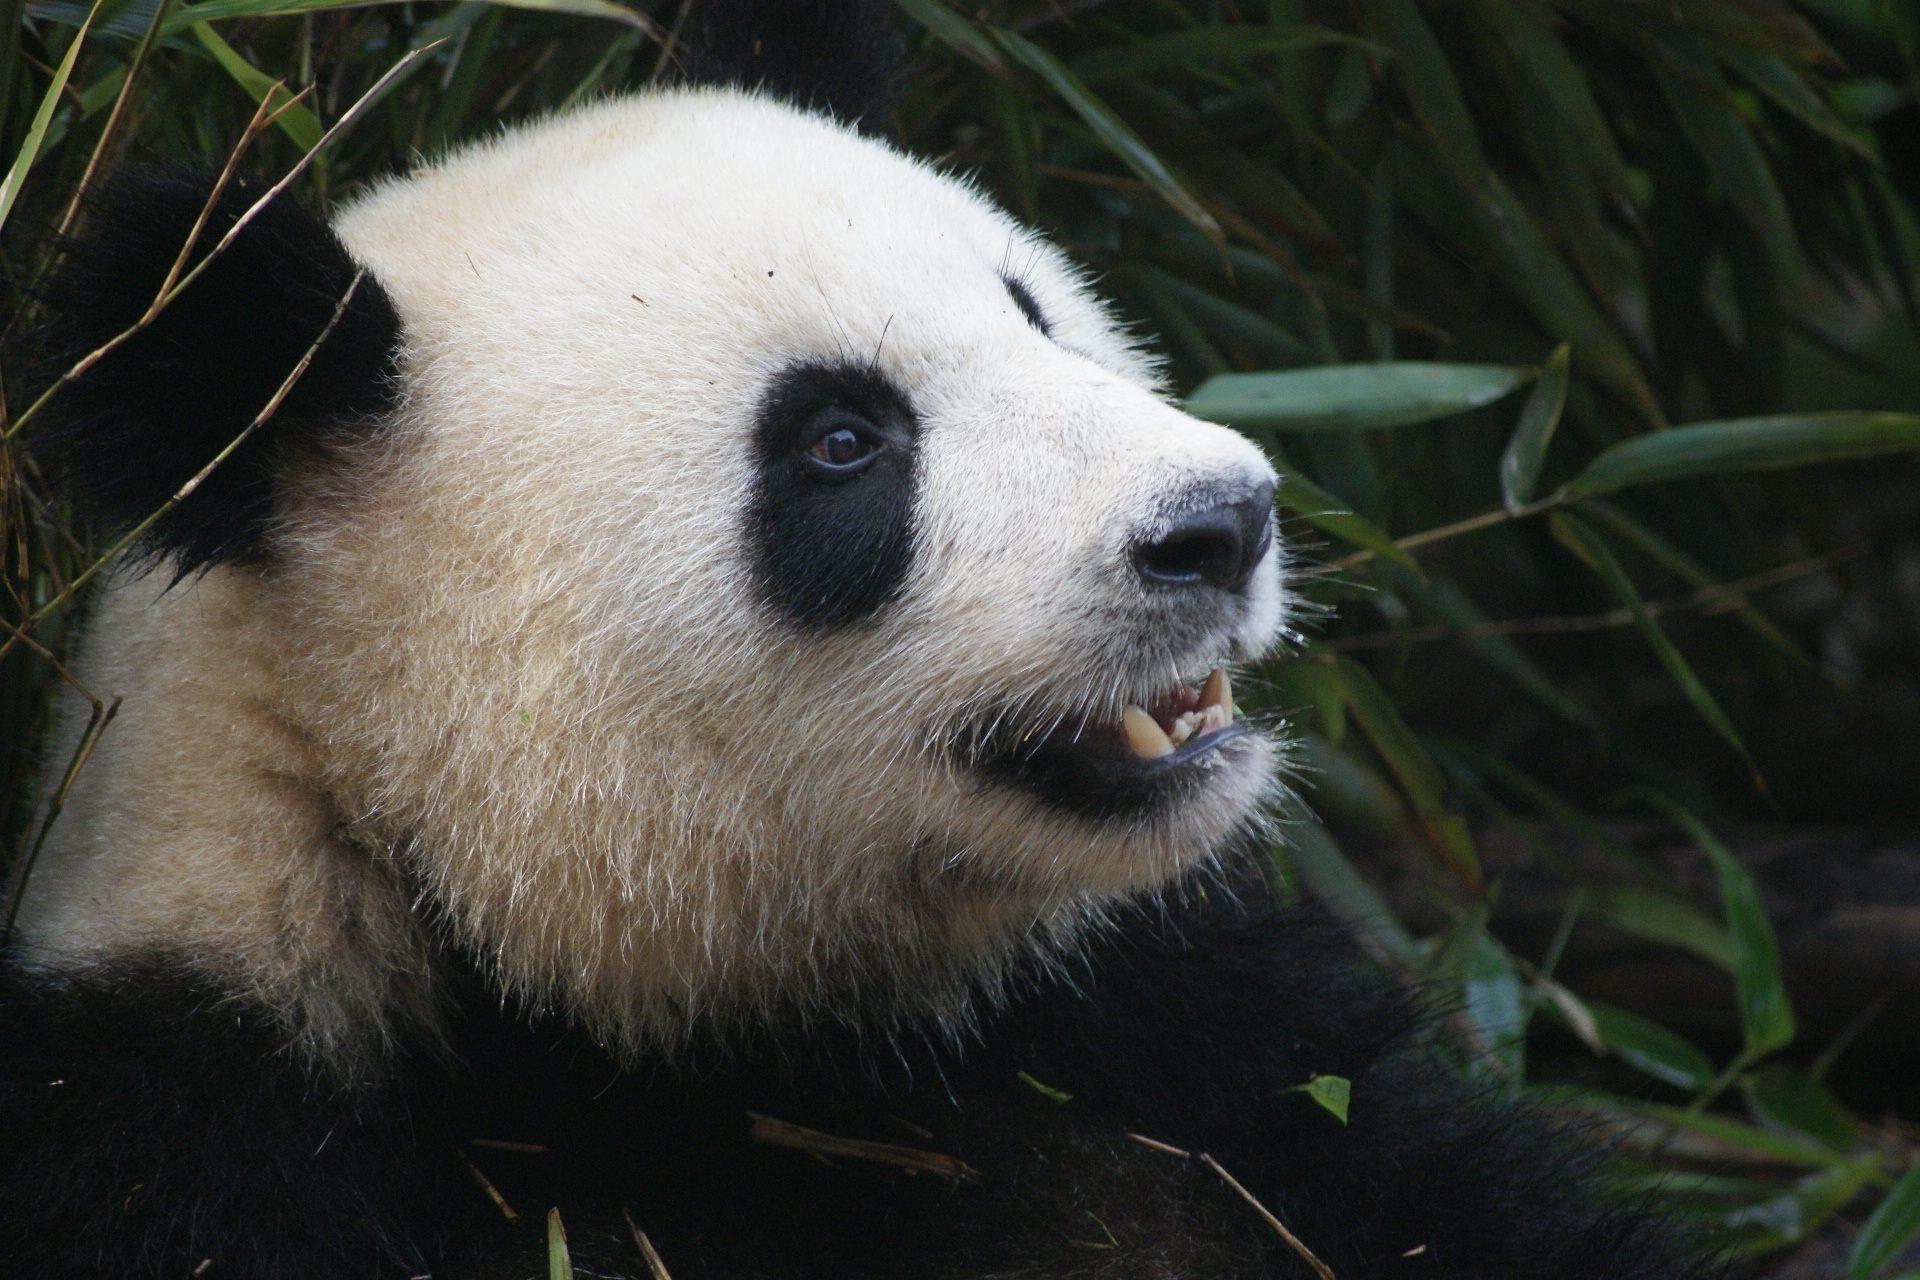 Bär, Panda, Gesicht, Bambú, Blick, malte - Wallpaper HD - Prof.-falken.com